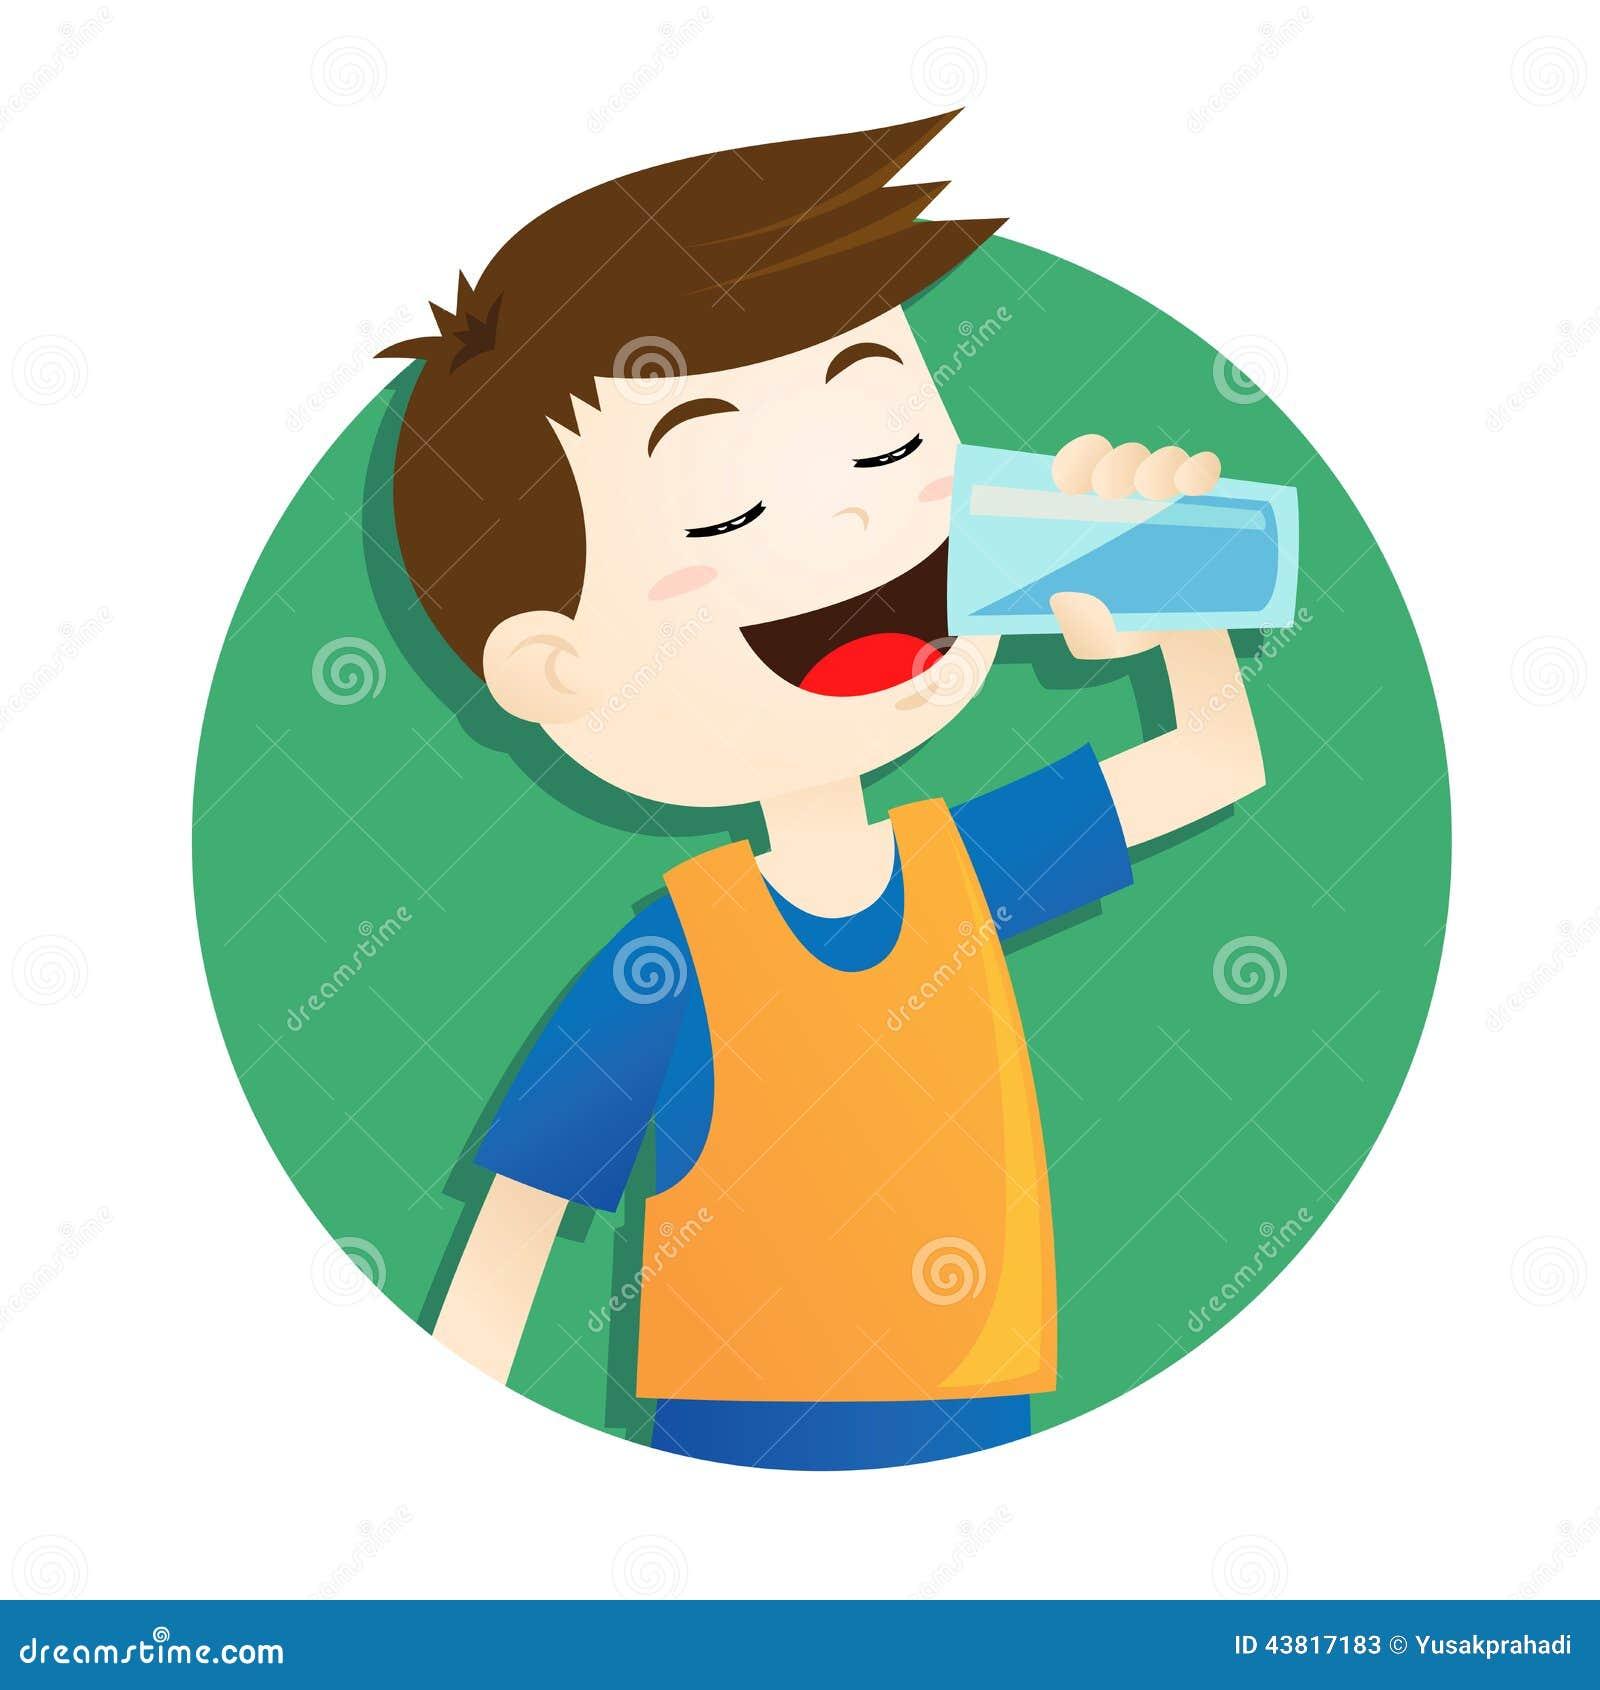 Child Drinking Water Cartoon